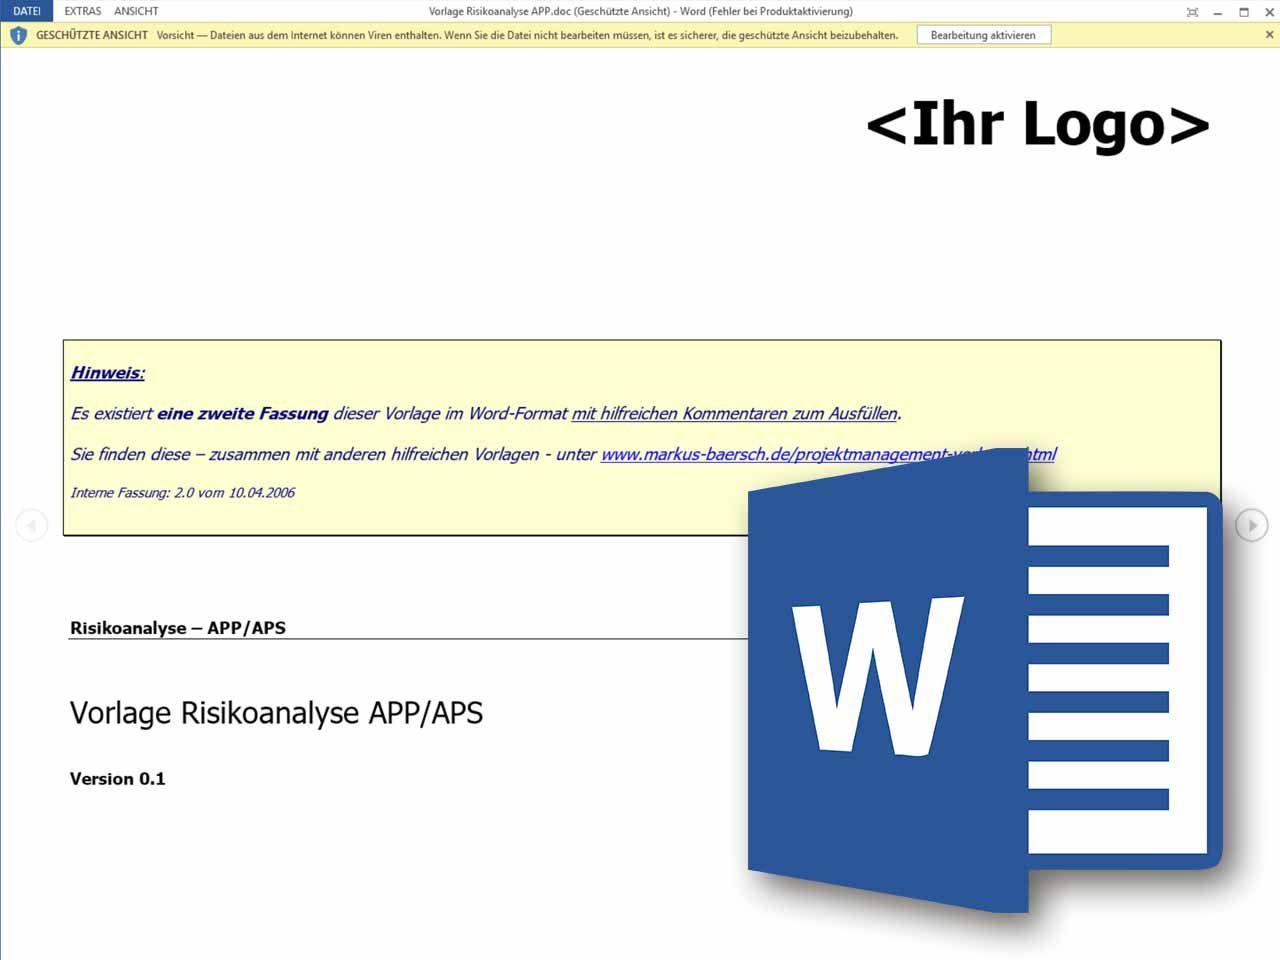 Word Vorlage Risikoanalyse App Aps Vorlagen Projektmanagement Excel Vorlage